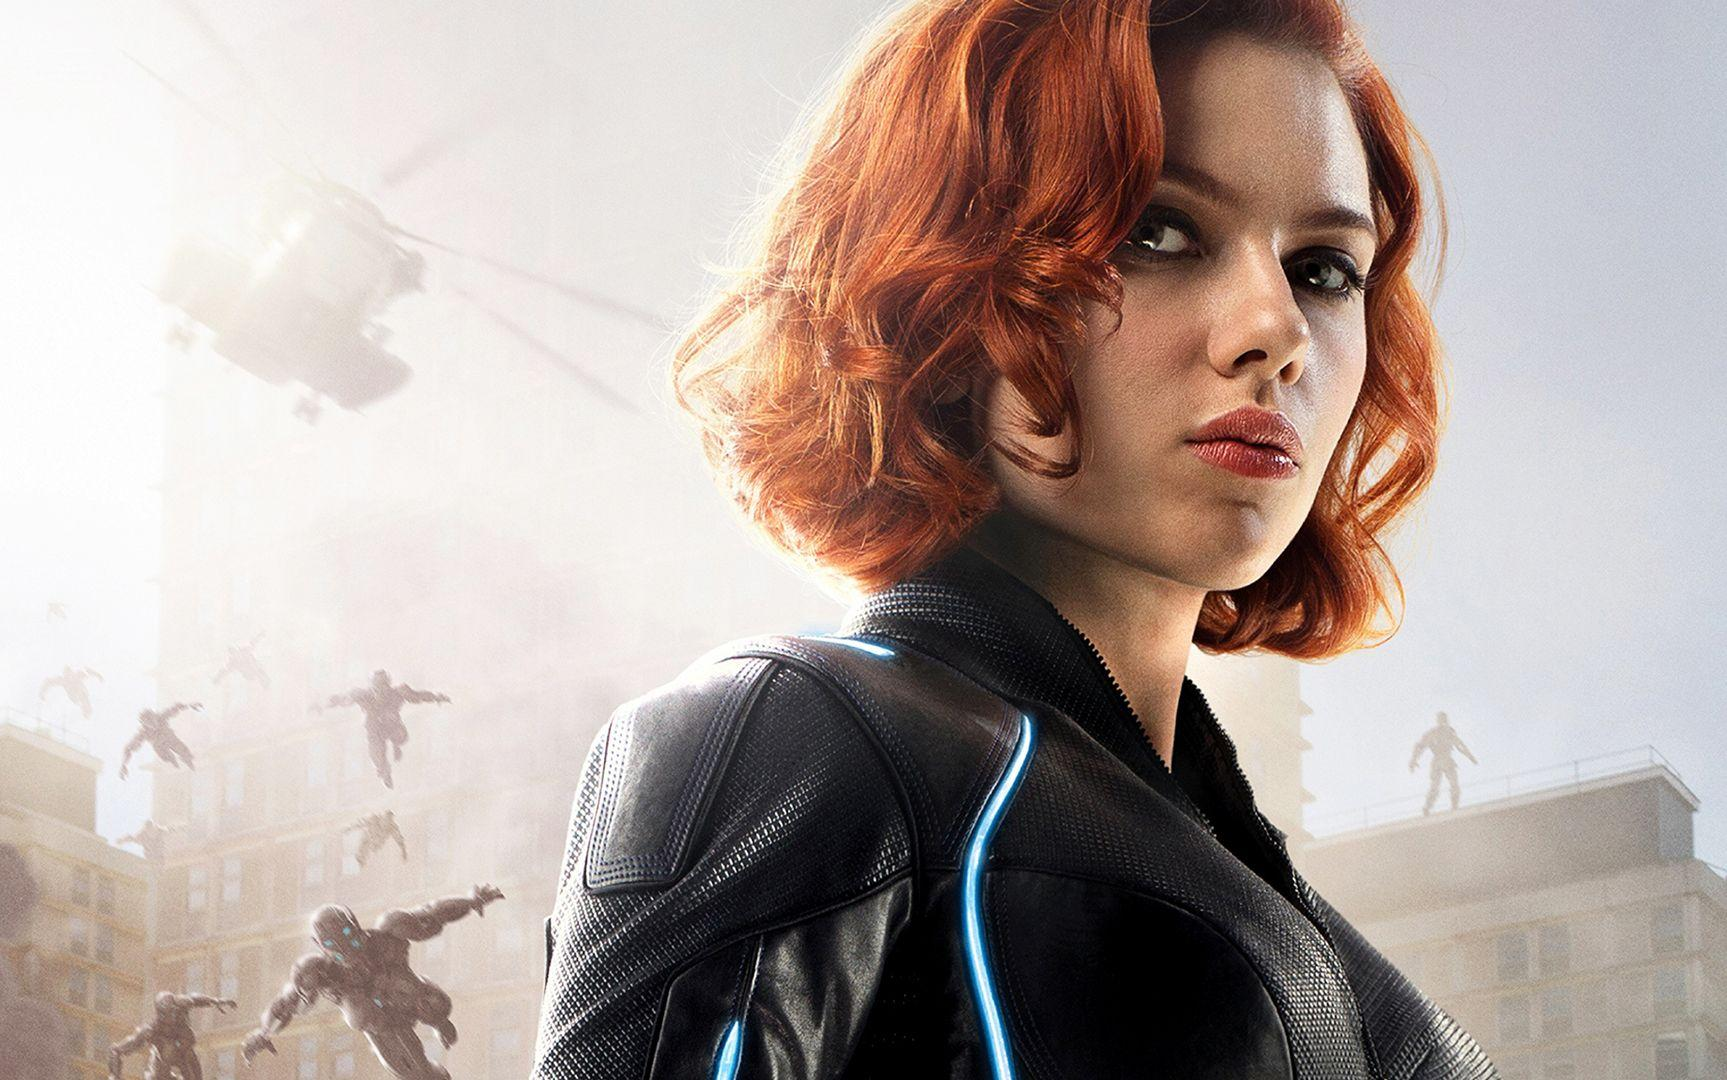 Scarlett Johansson, Black Widow ertelenmesi hakkında konuştu